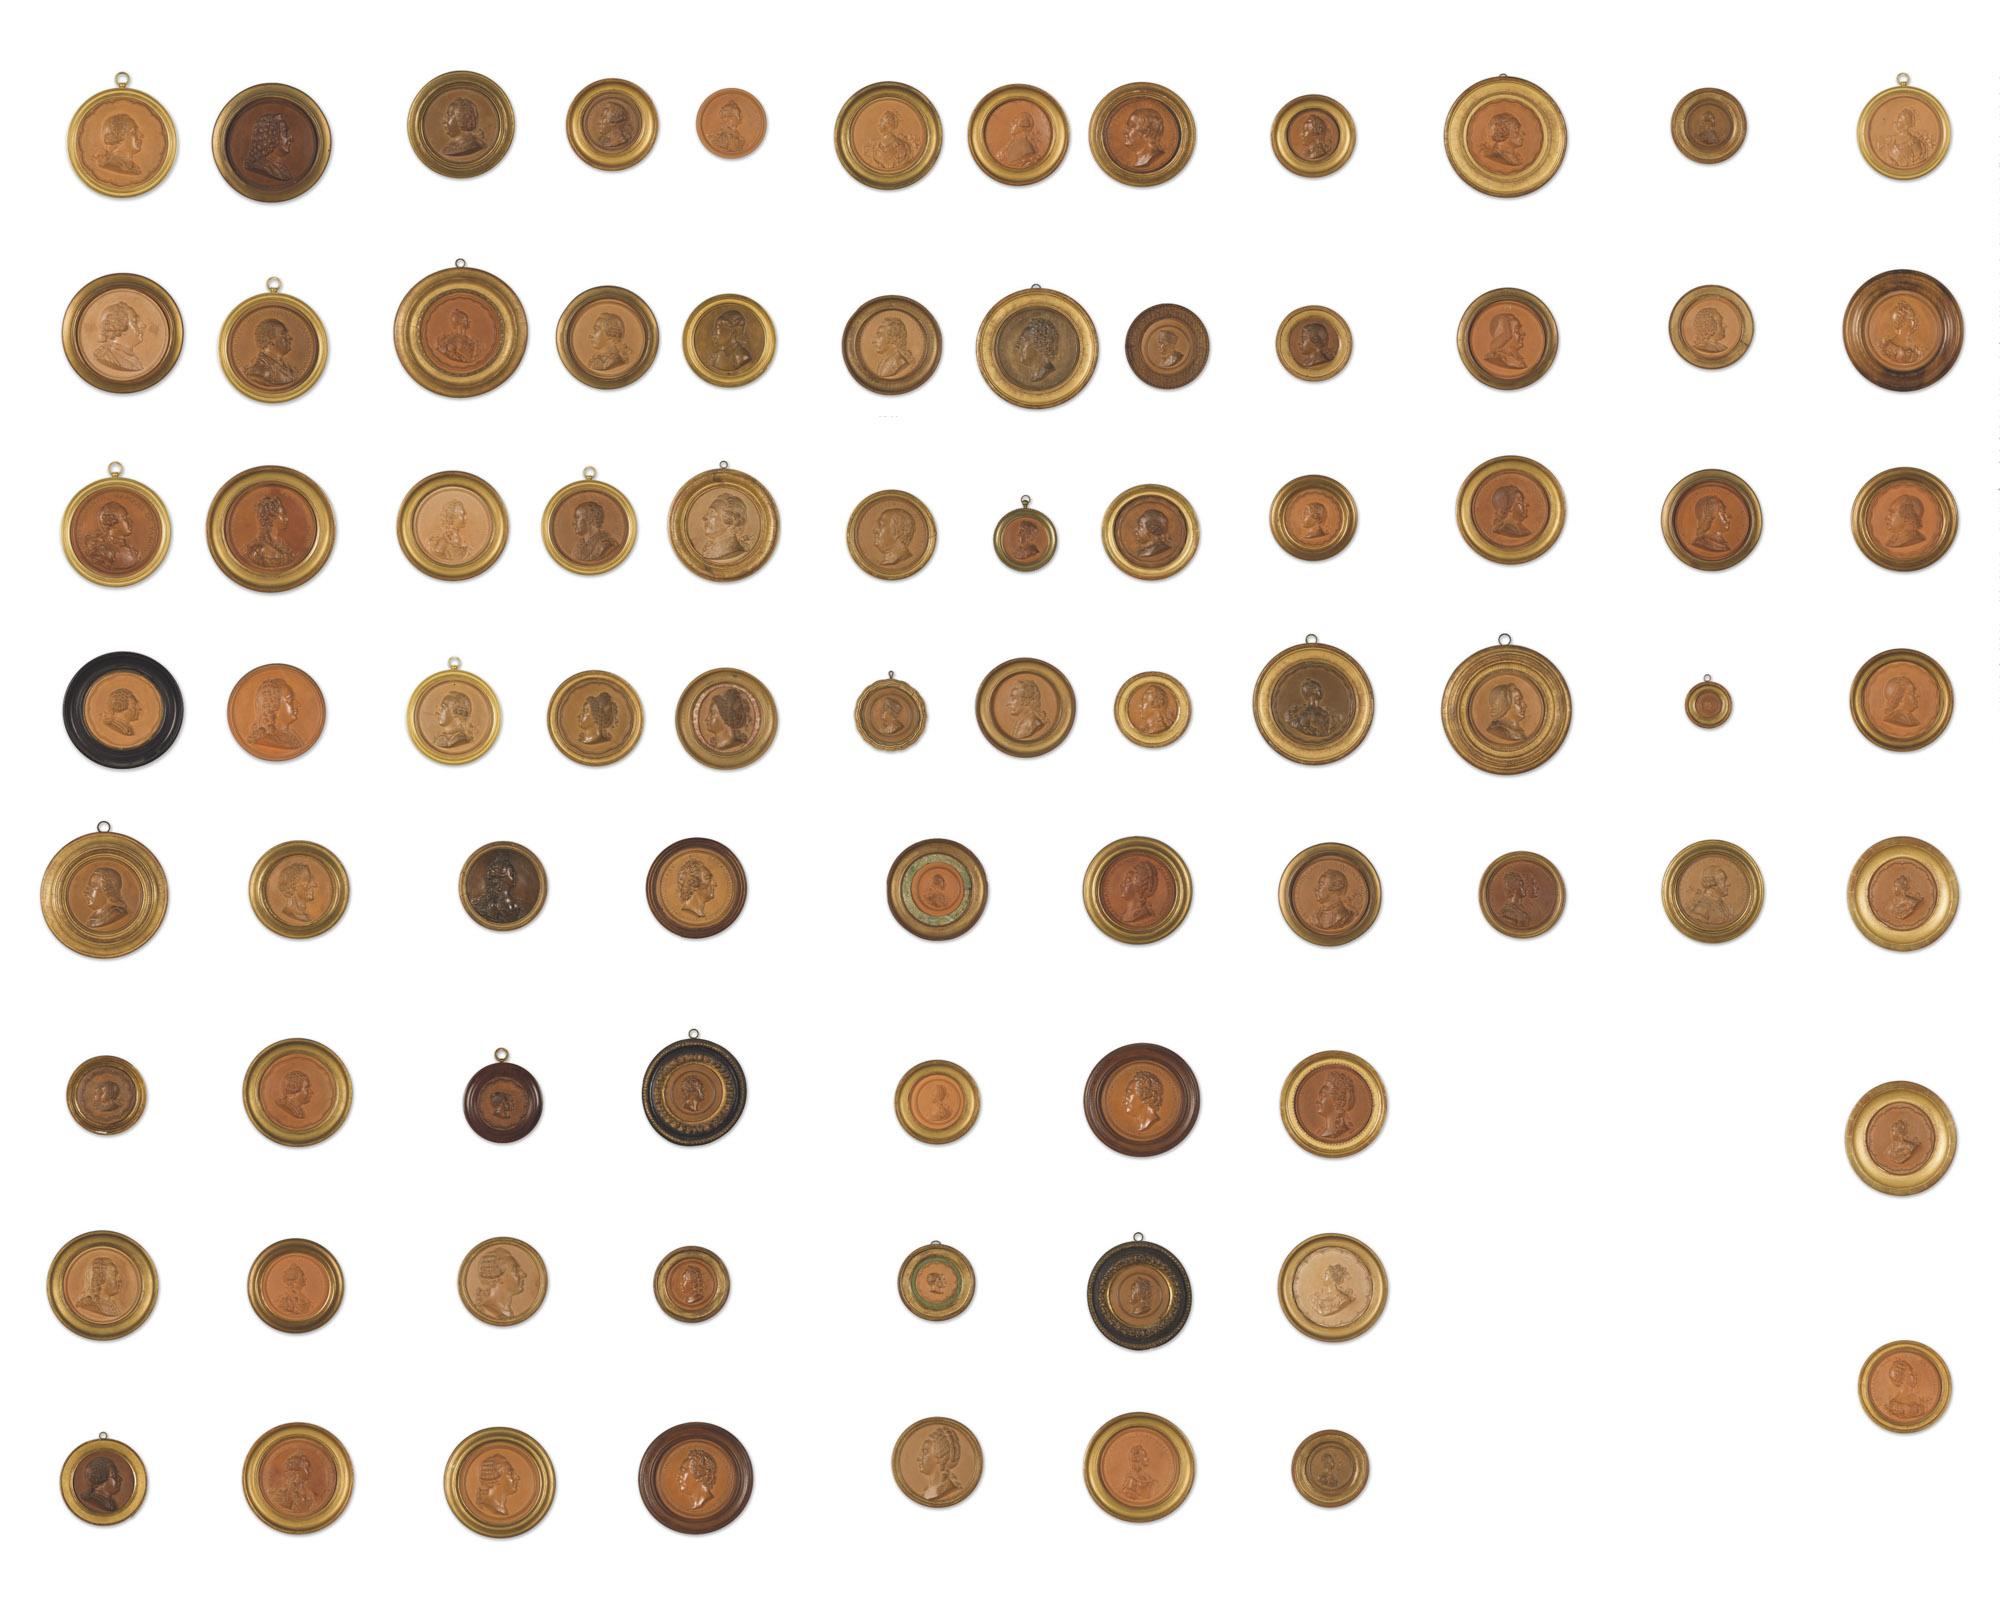 Six médaillons sont attribués à Jean-Baptiste Nini; quarante à l'Atelier de Jean-Baptiste Nini; quinze à l'Atelier tardif de Jean-Baptiste Nini; et vingt sont d'après Jean-Baptiste Nini, incluant: